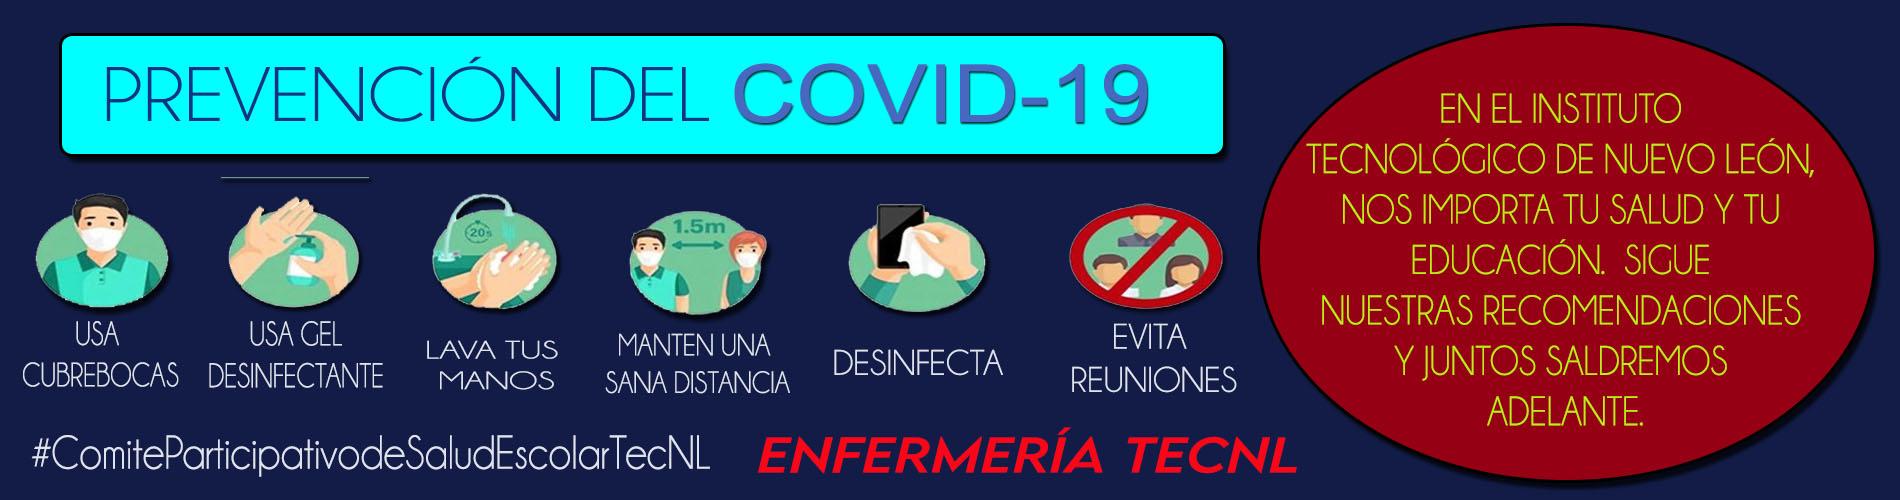 Precauciones Covid